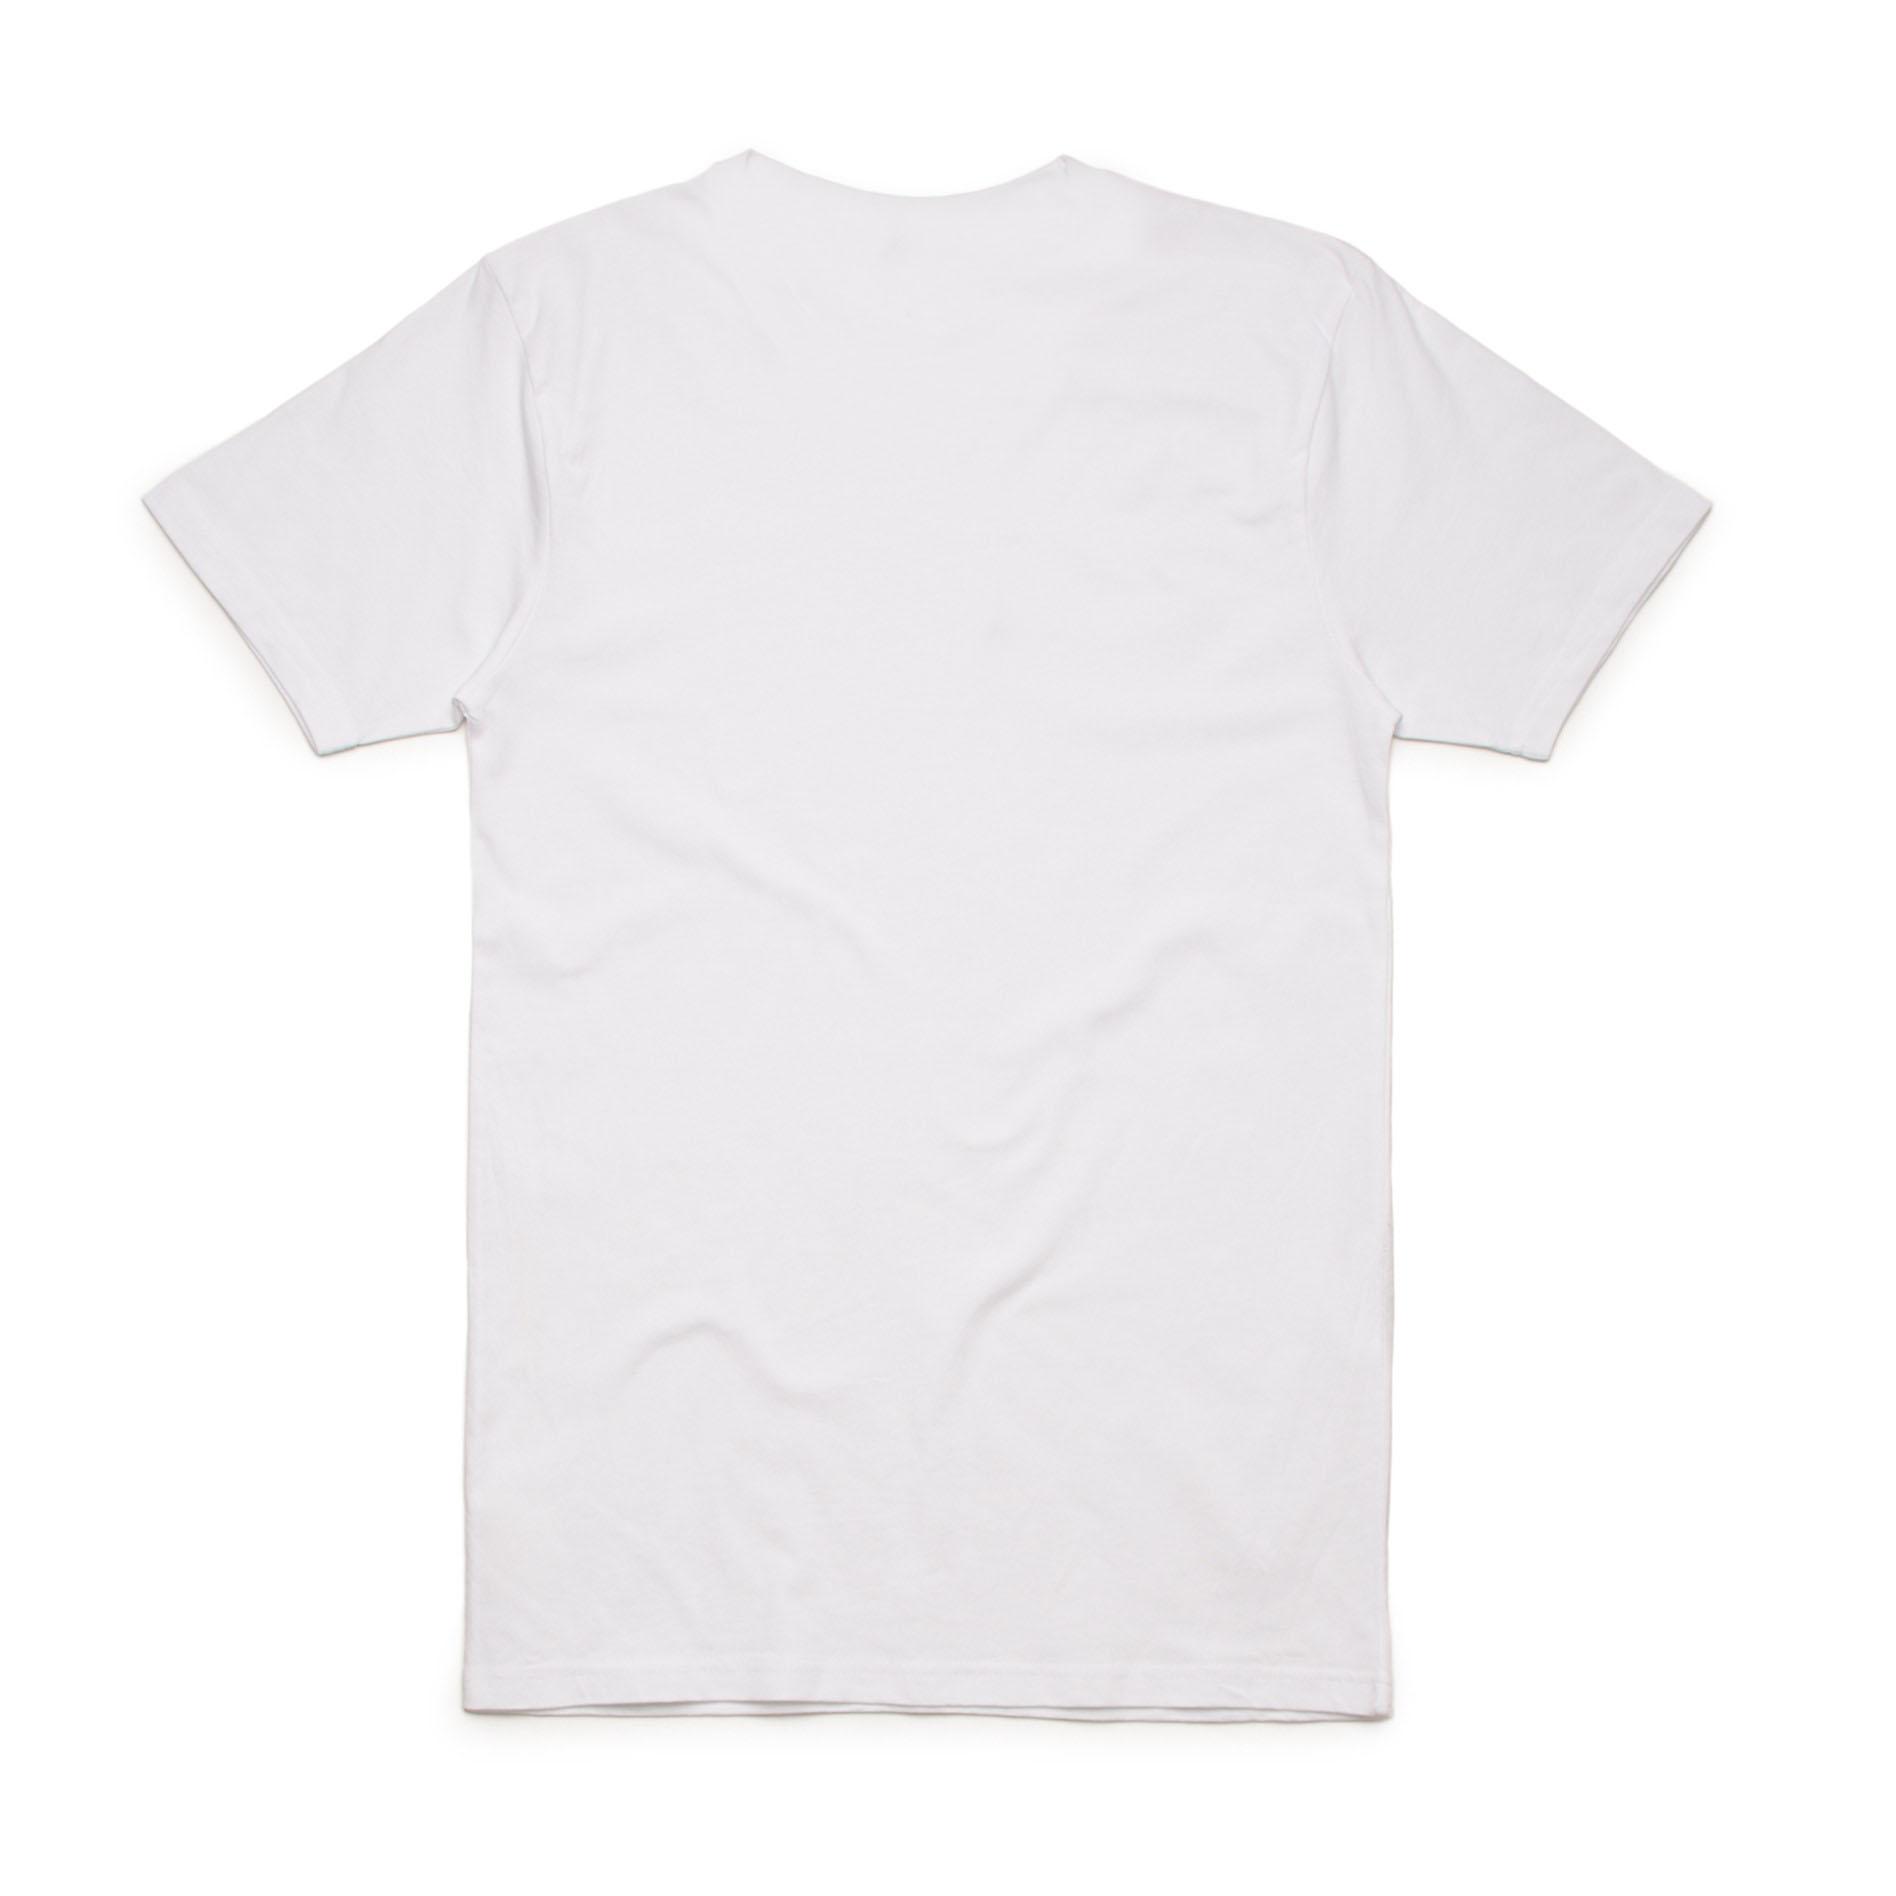 Design your t shirt nz - Unisex Organic Tee T Shirt Printing Nz Design Your Own Custom Shirt New Zealand